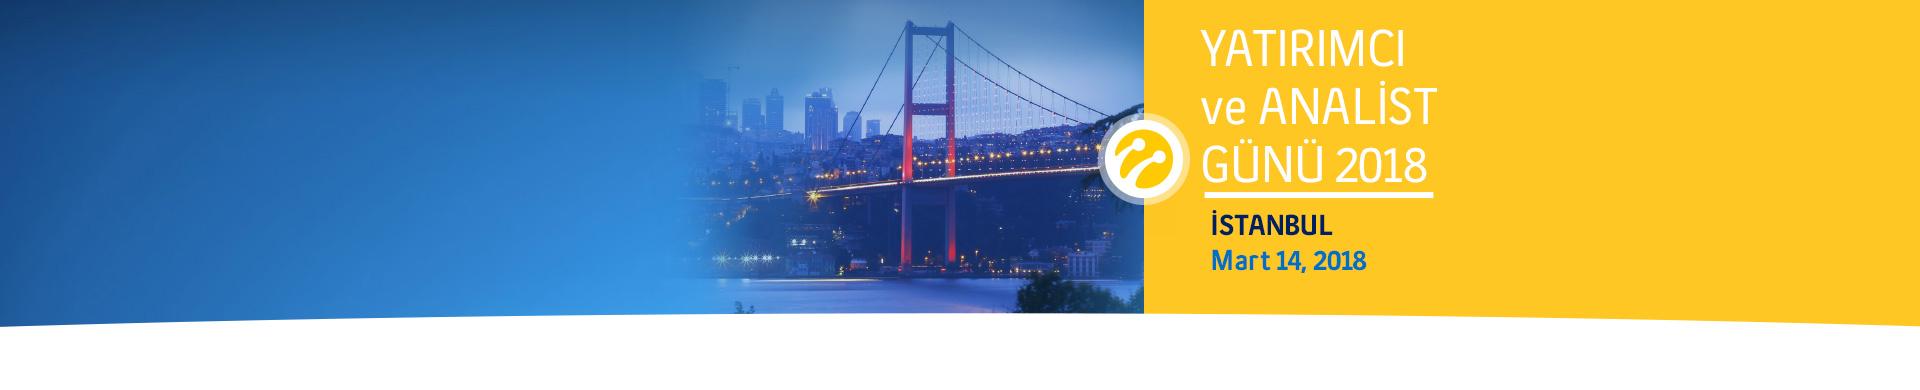 Takvimlerinize Not Edin Turkcell 2018 Analist&Yatırımcı Günü